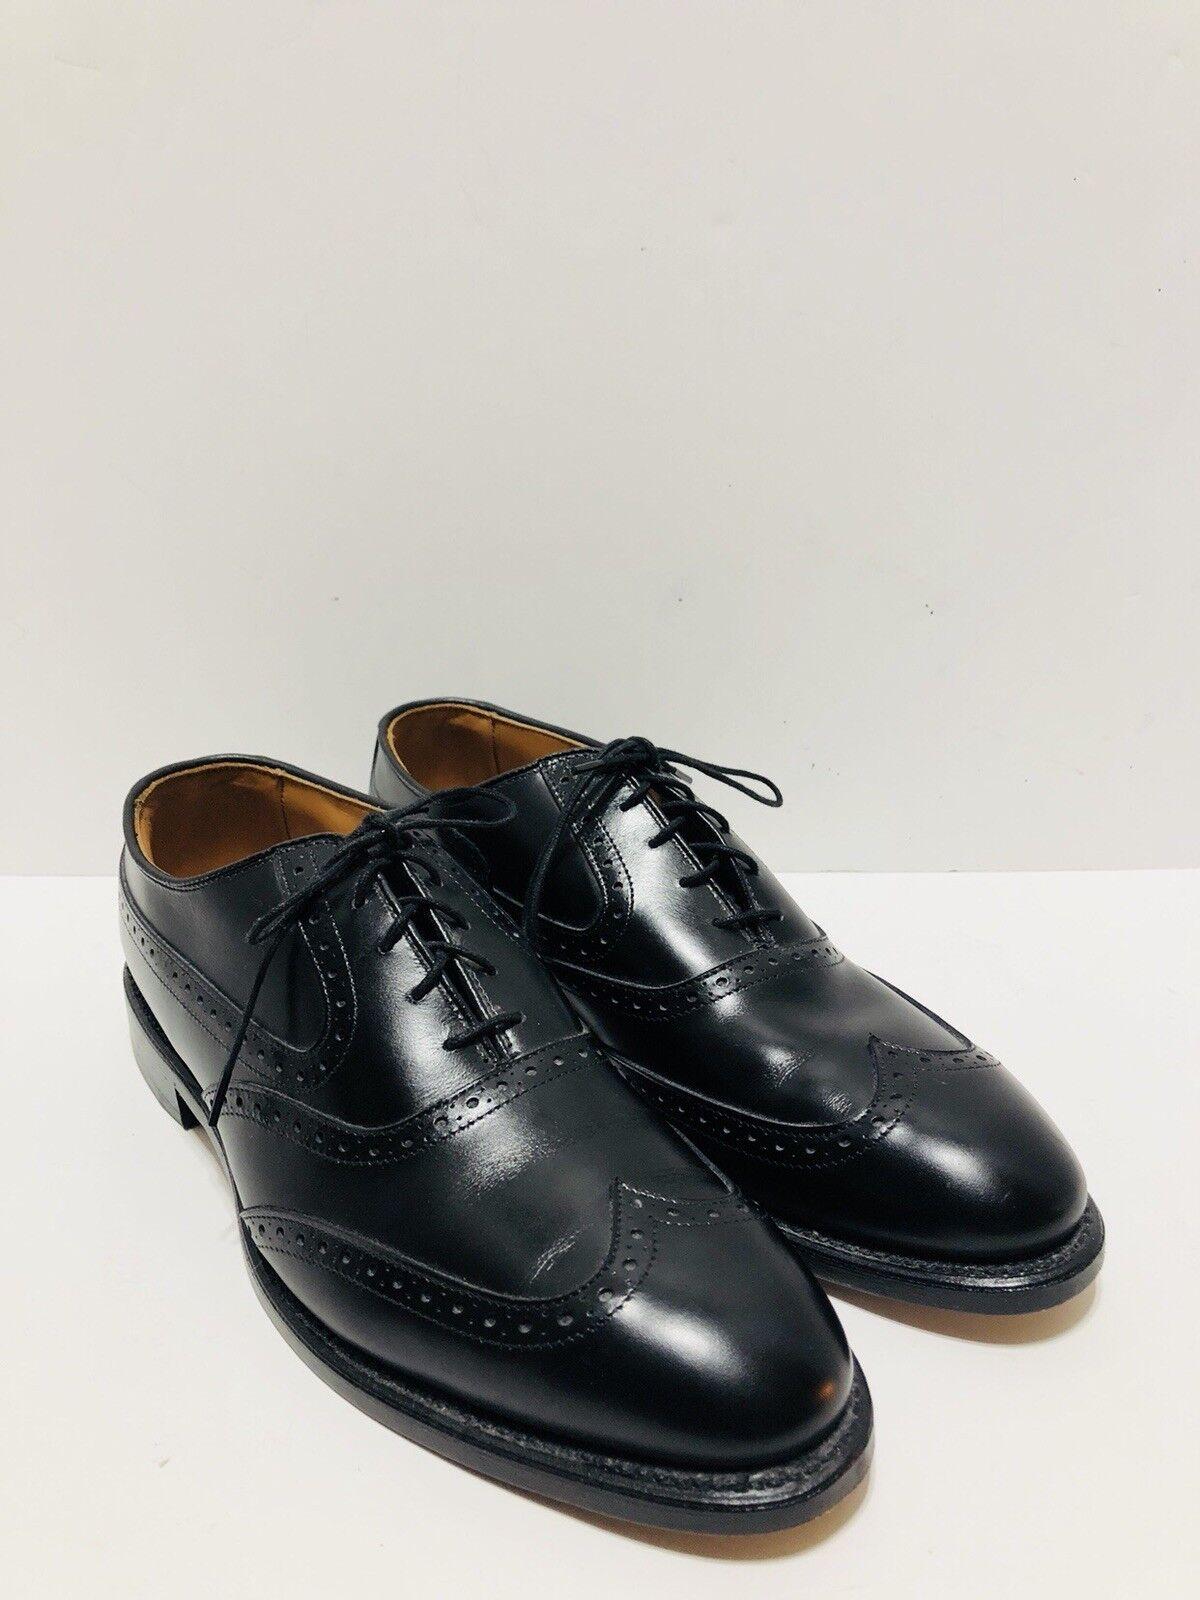 Allen Edmonds Birmingham Noir Cuir Bout D'Aile Richelieu à Chaussures Oxford Hommes Sz 9.5 A